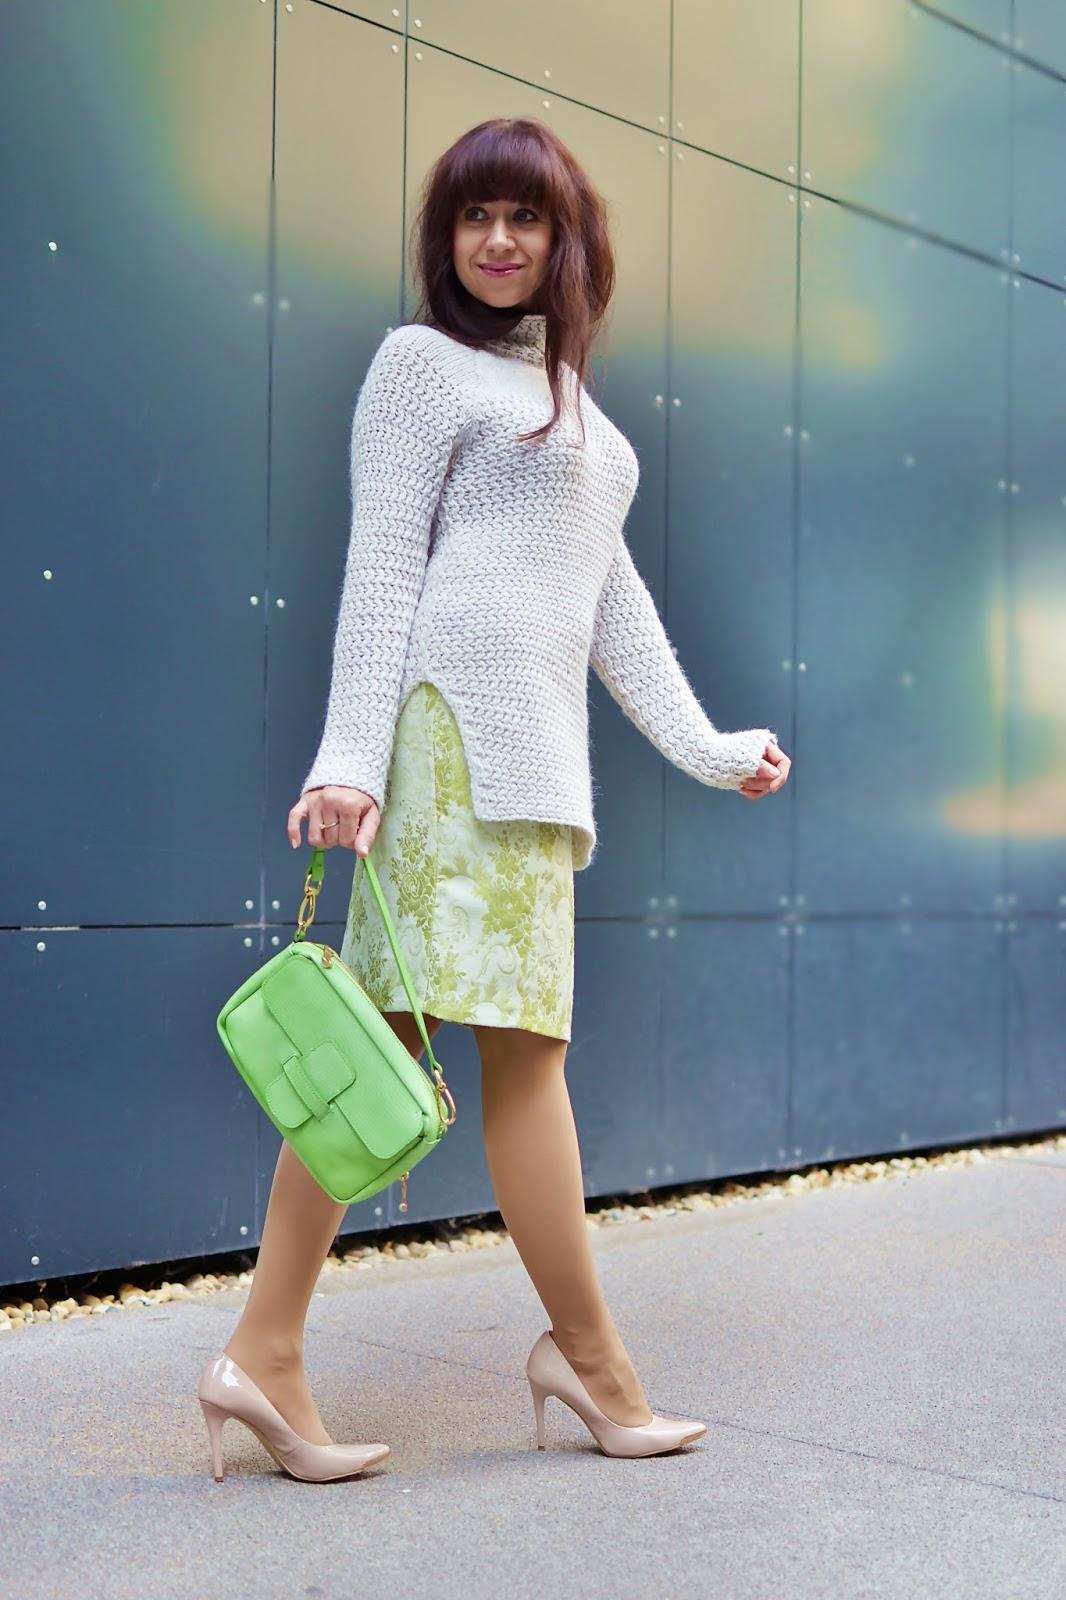 Čo by ste mali vedieť a neviete?_Katharine-fashion is beautiful_Žakárová sukňa_Telové lakované lodičky_Katarína Jakubčová_Fashion blogger